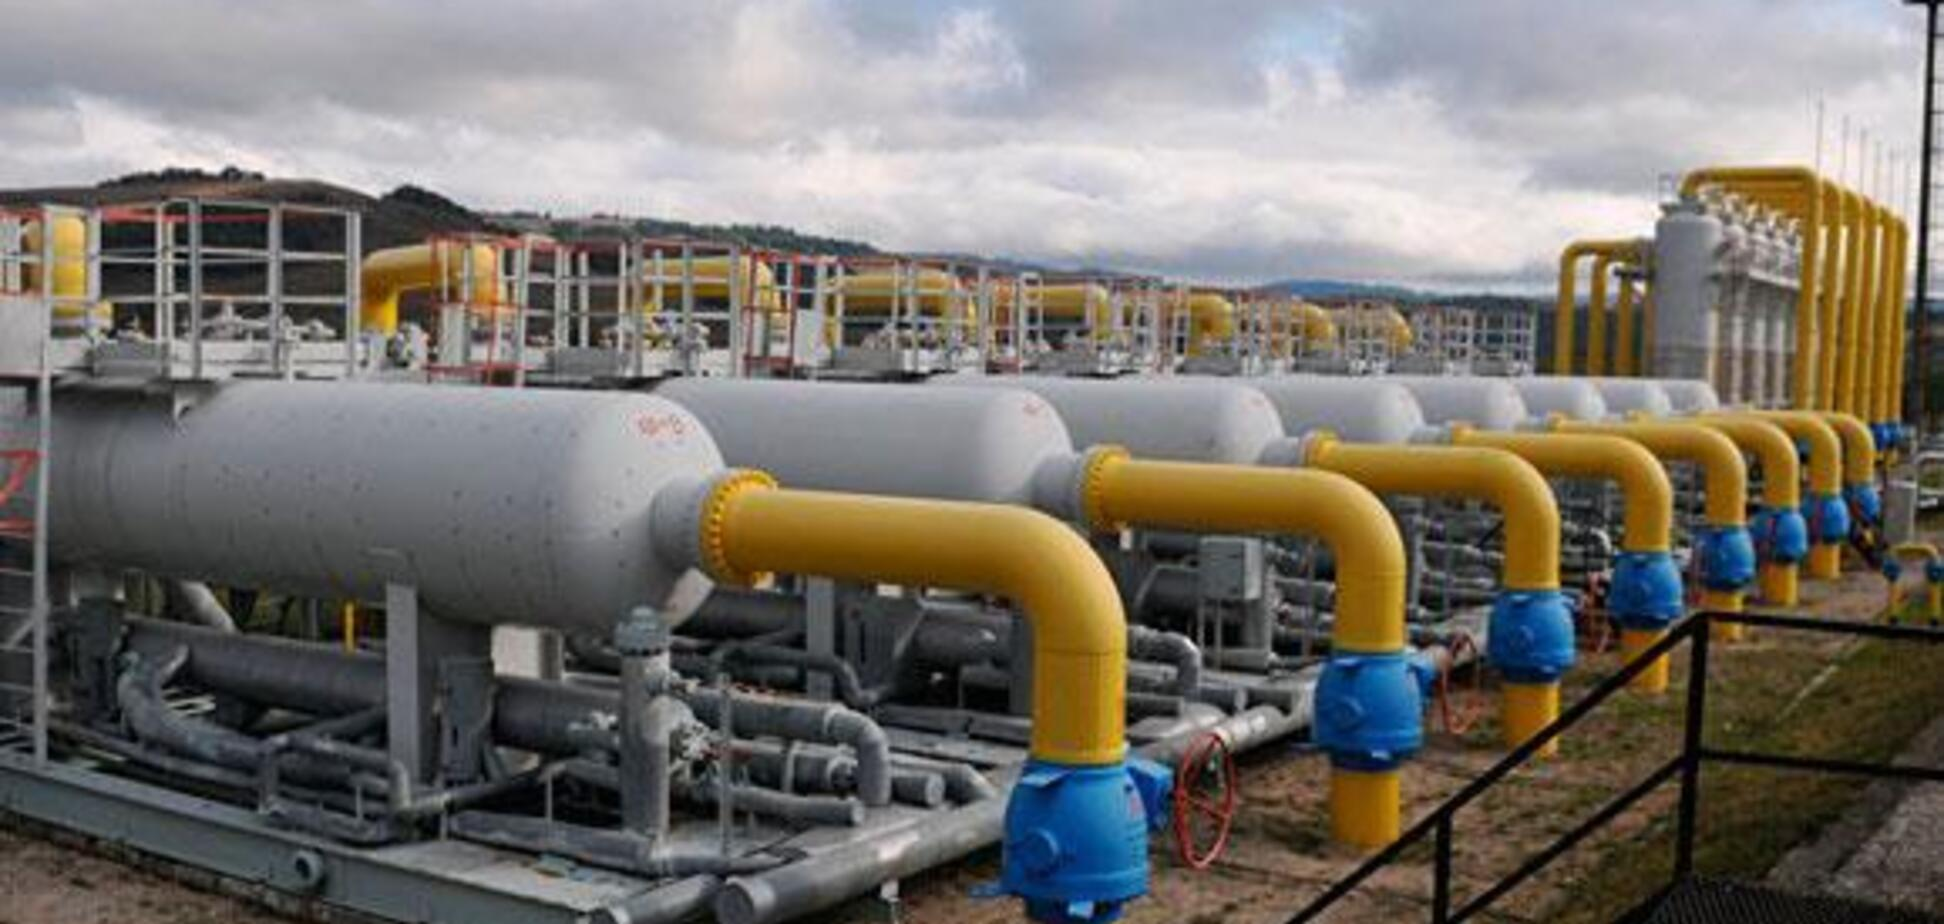 Газова війна РФ проти України: енергетик розкритикував план 'Нафтогазу'